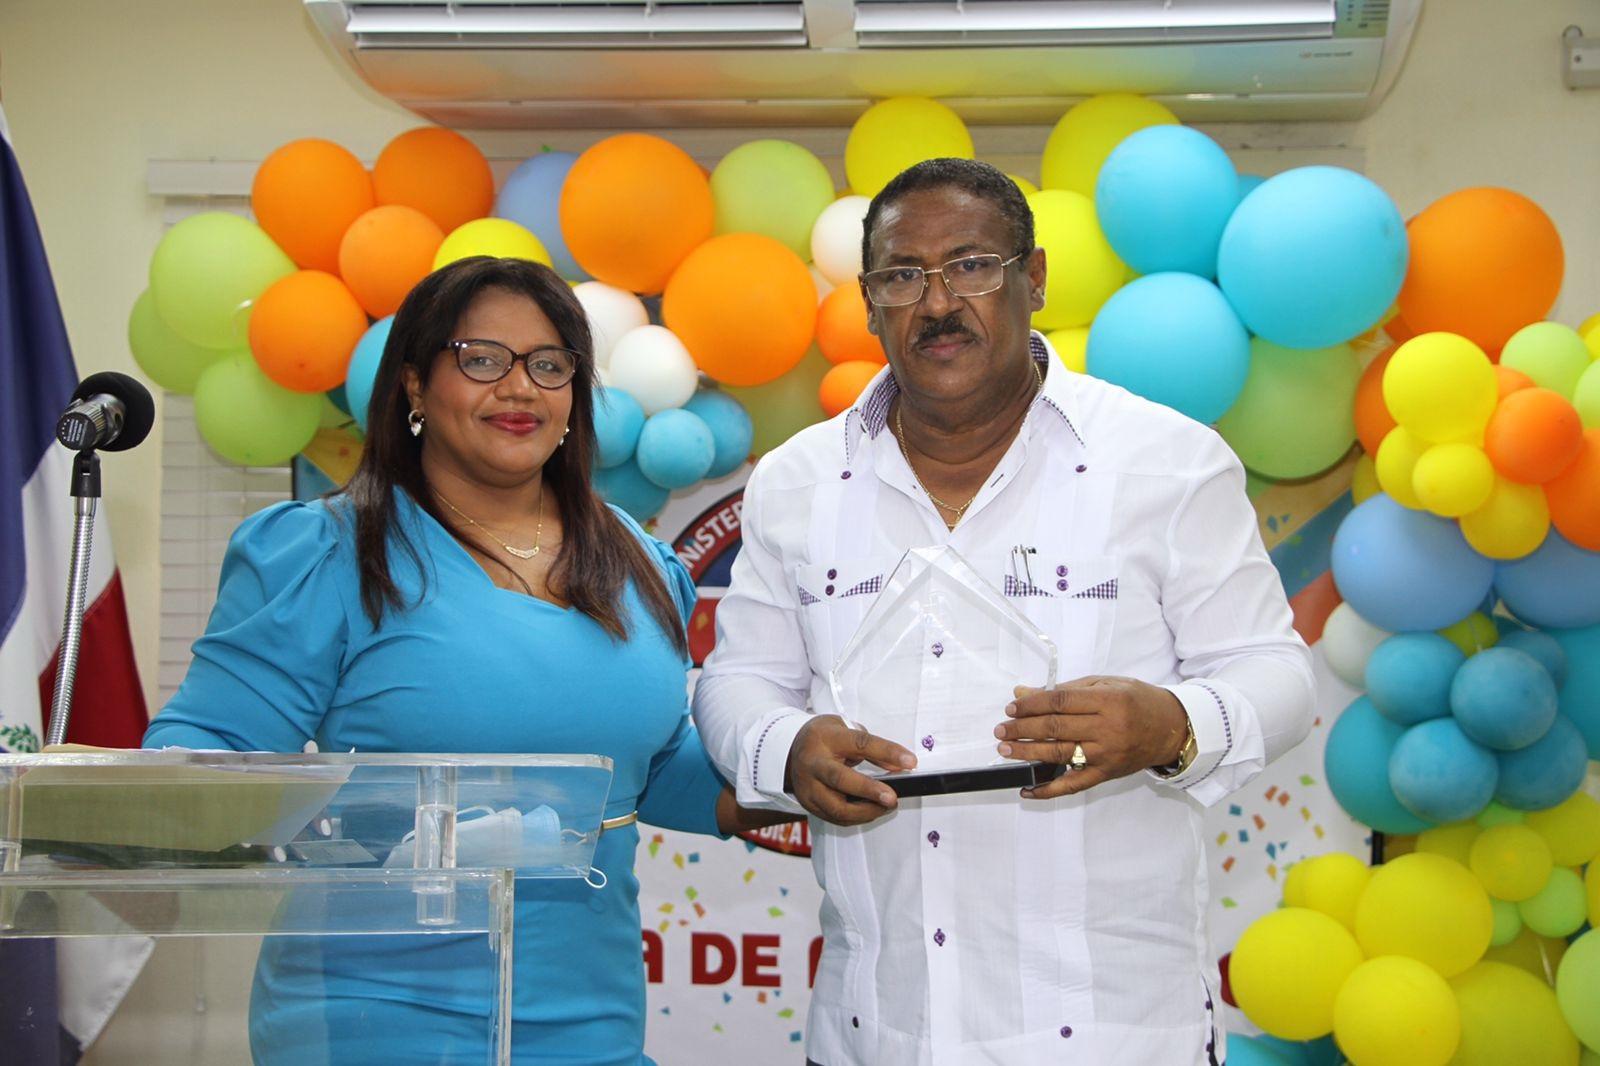 CEMADOJA celebra su 21 aniversario brindando salud con calidad